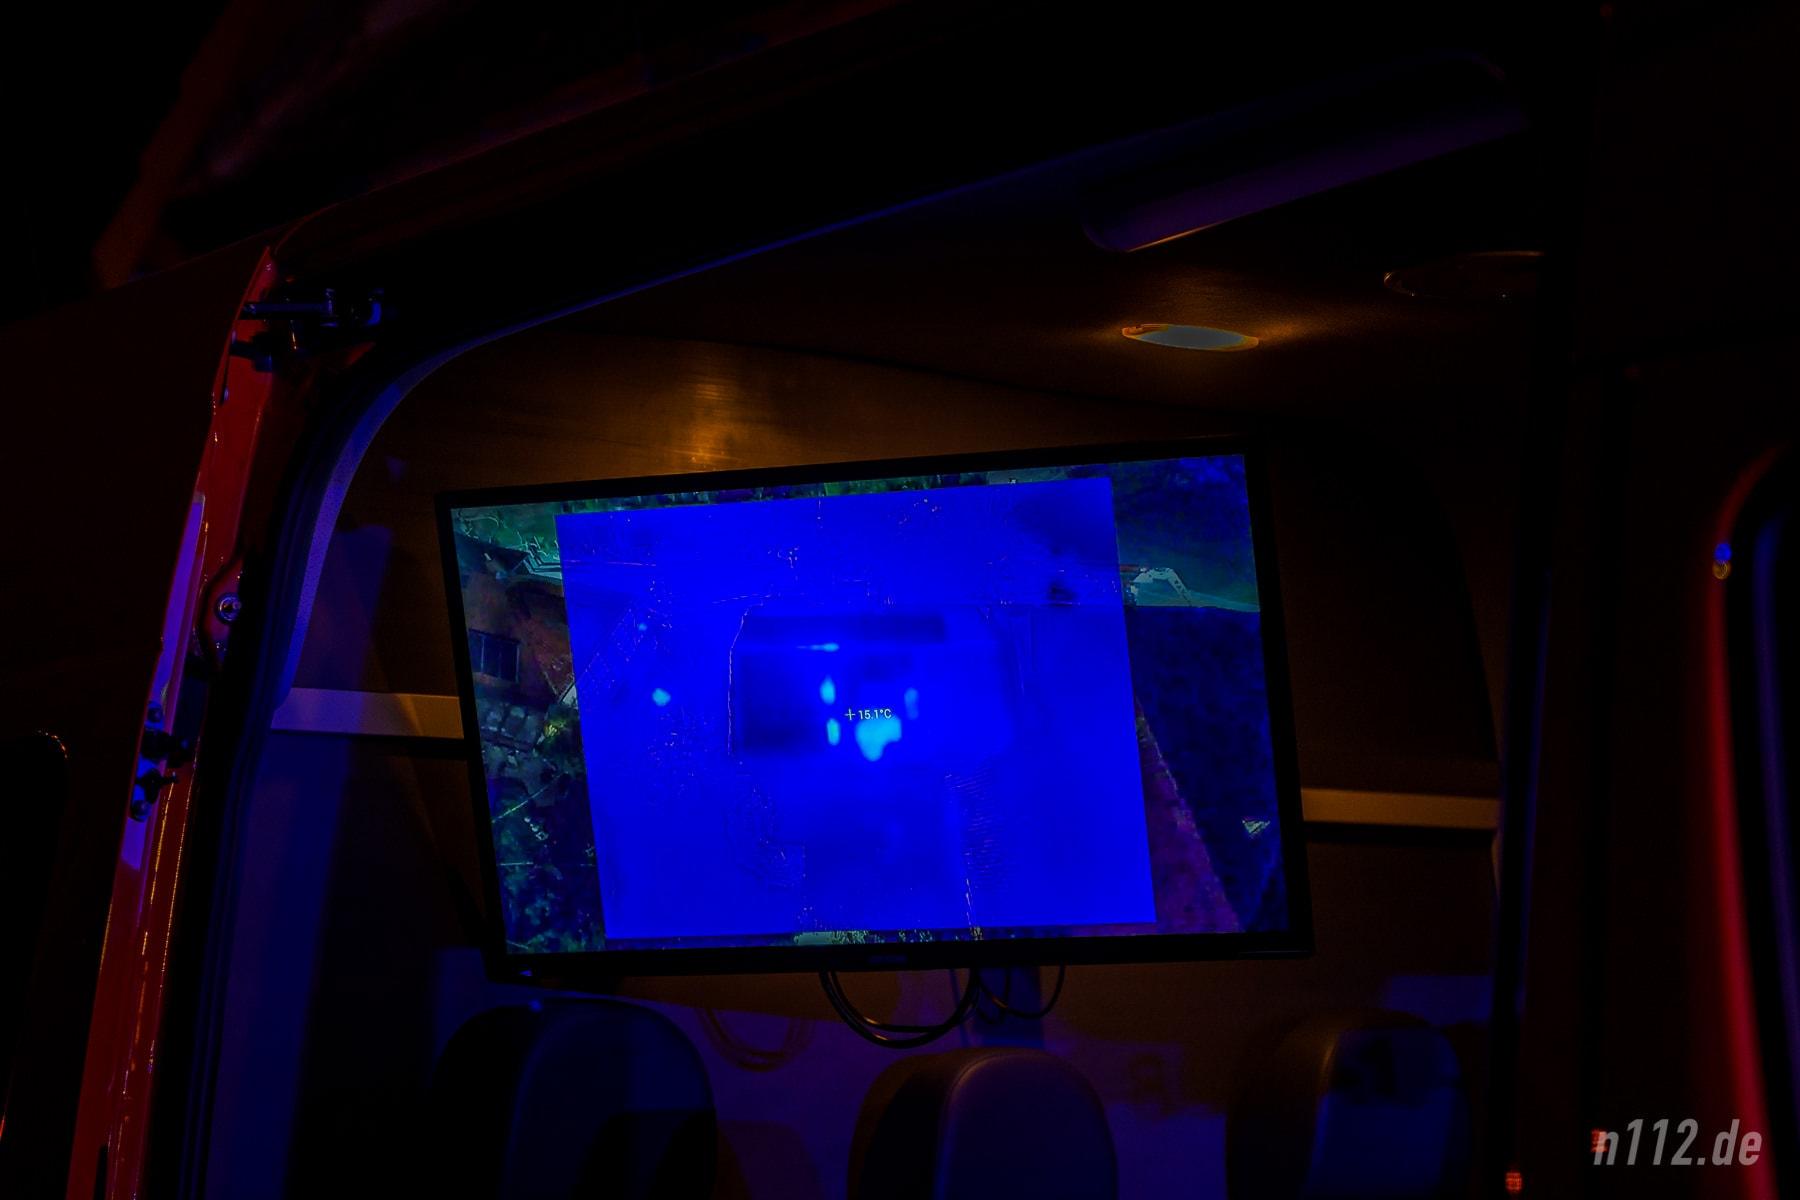 Heiße Zonen: Auf der Wärmebildkamera der Drohne sind die Temperaturunterschiede deutlich zu sehen! (Foto: n112.de/Stefan Simonsen)